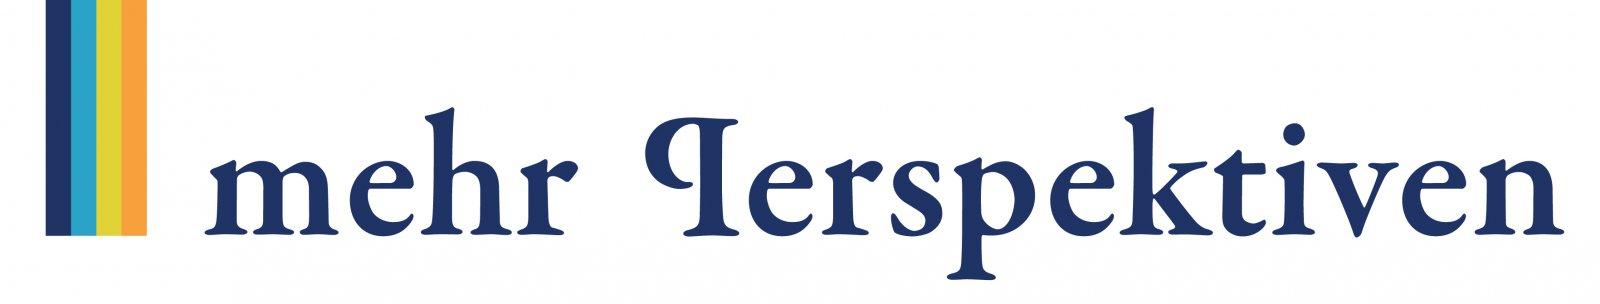 mehr perspektiven logo